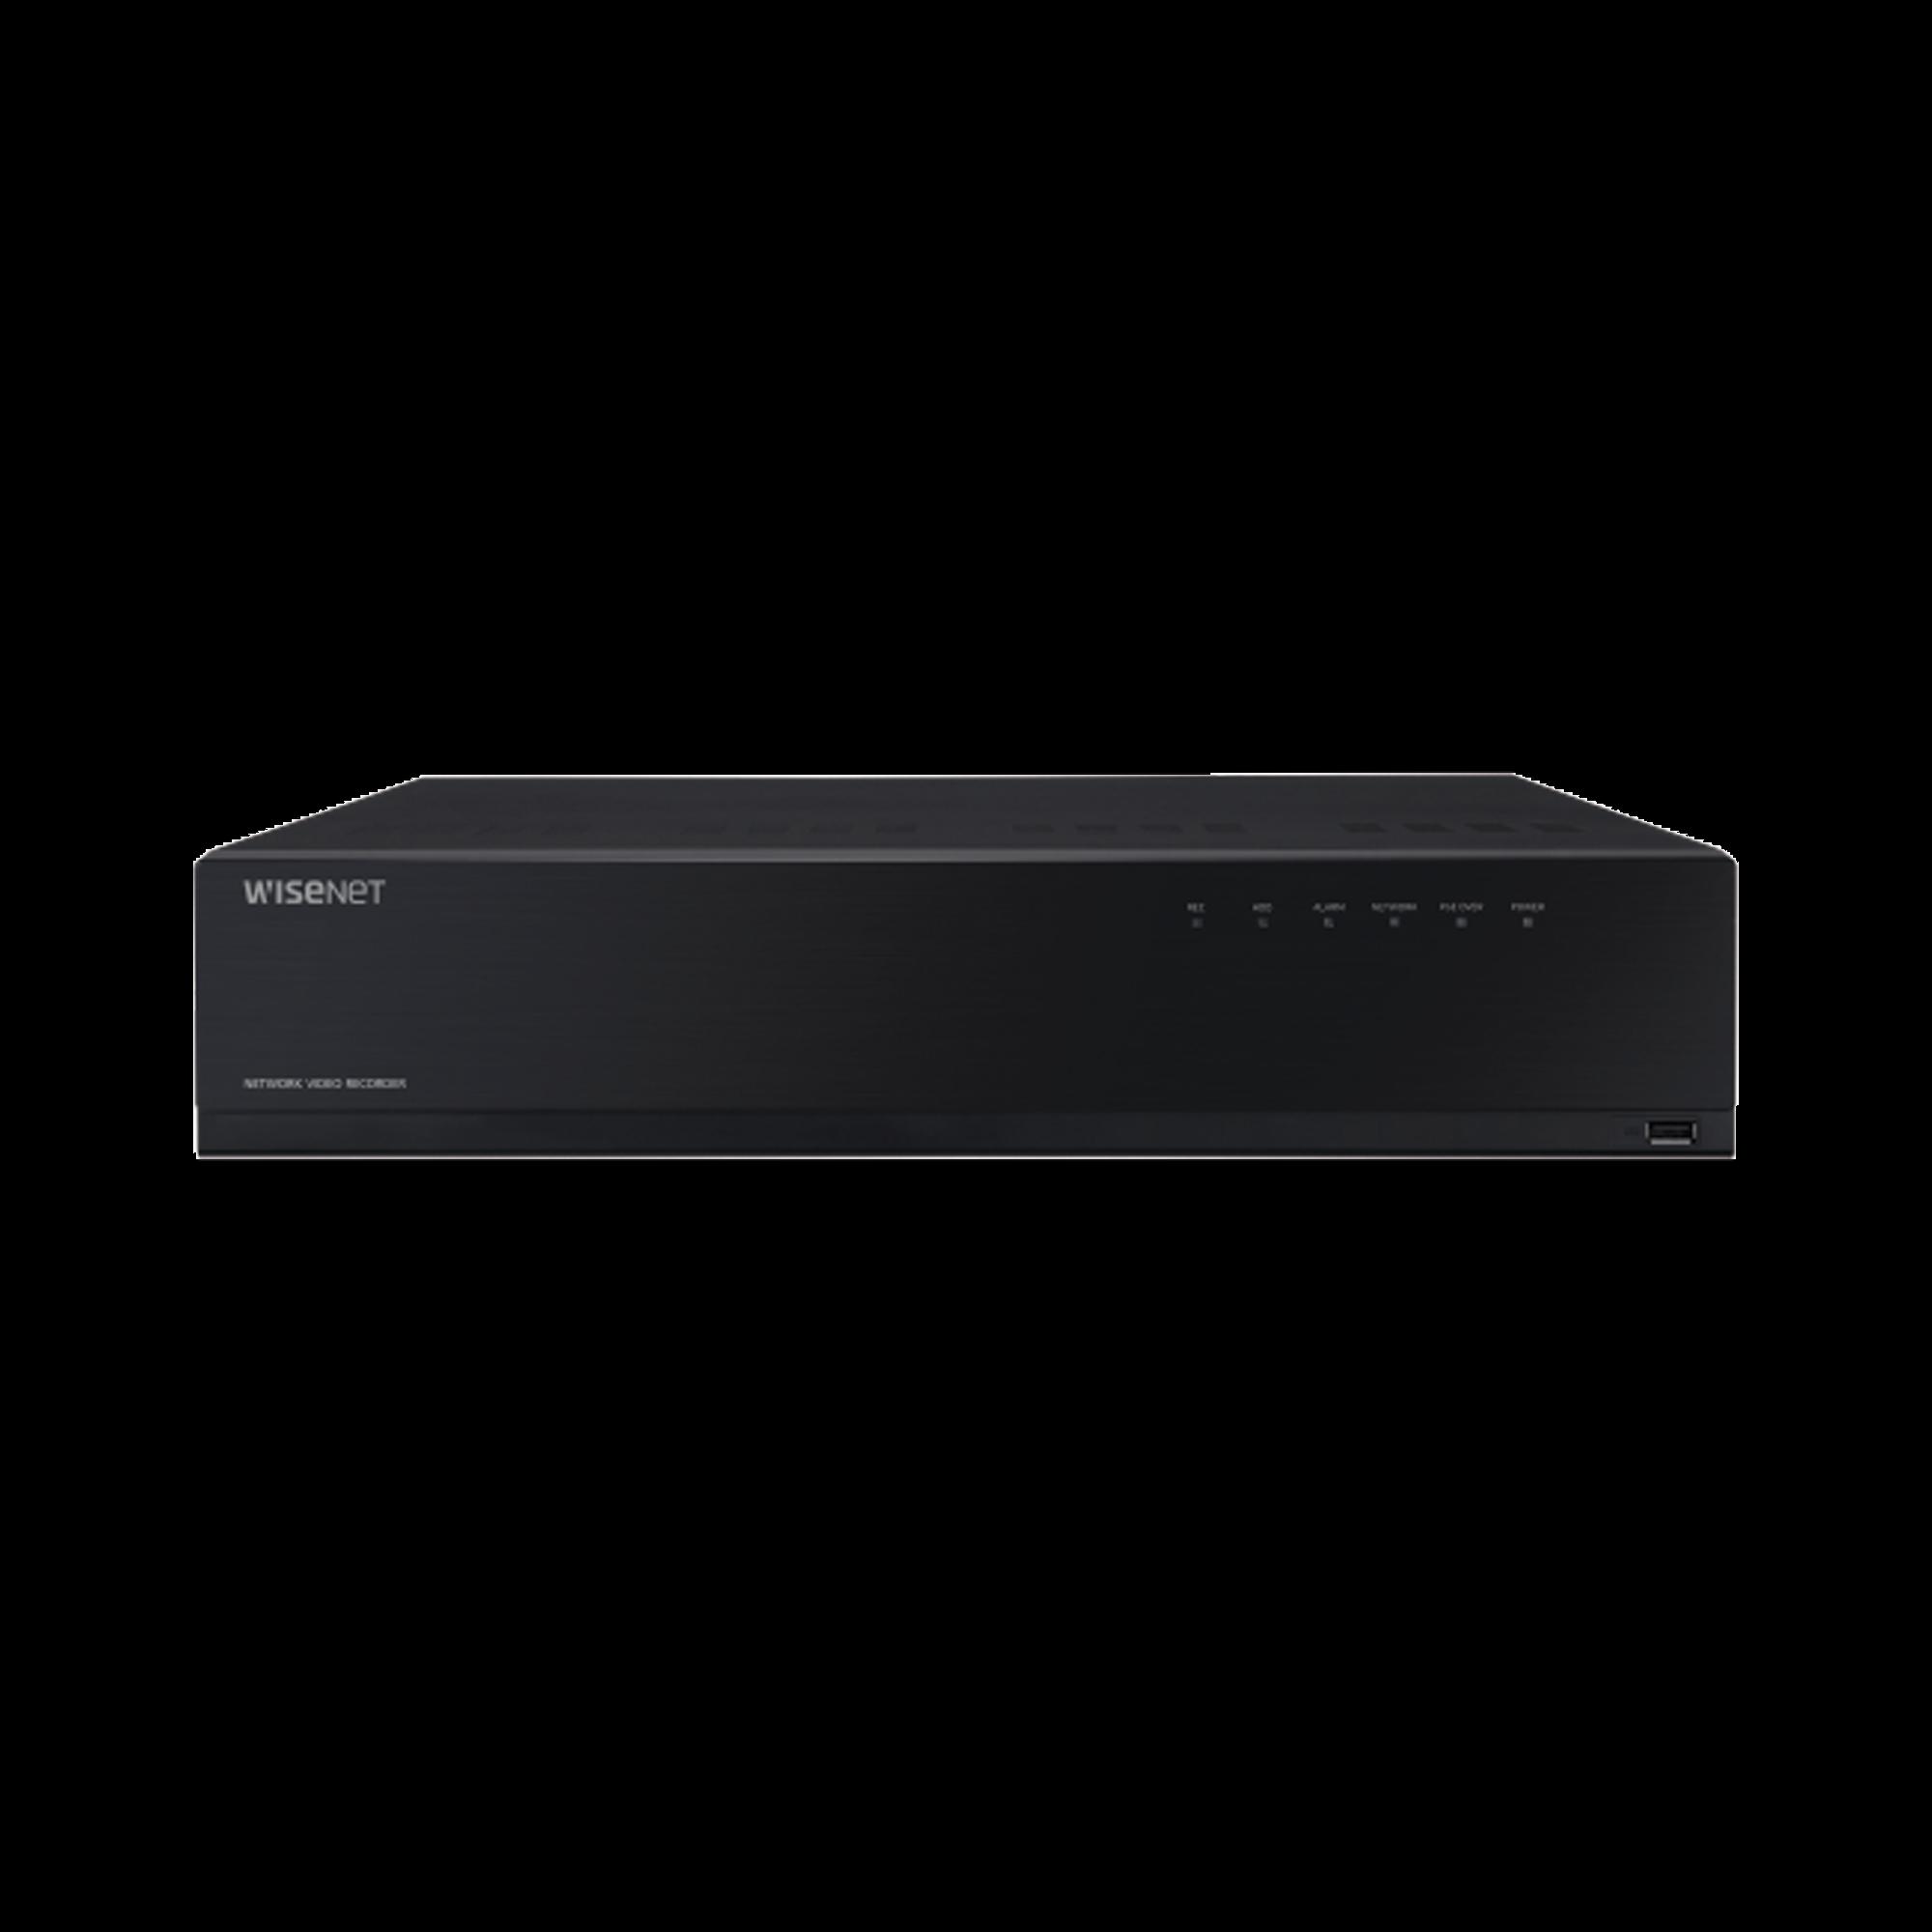 NVR de 12 Megapíxel con Wisenet Wave Embebido / Incluye 4 Licencias / 2TB Incluidos / 16 canales / 16 puertos PoE+ / H.265 & WiseStream / E/S de alarma